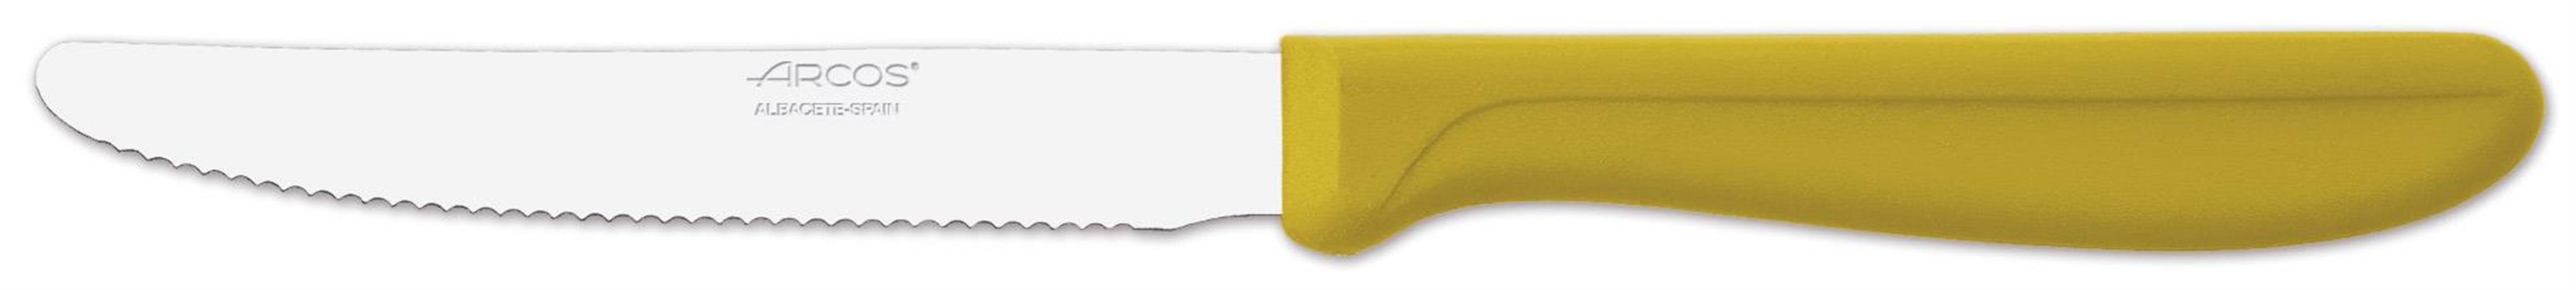 """סכין ירקות משוננת 11 ס""""מ יד' פלסטיק צהובה ARCOS"""